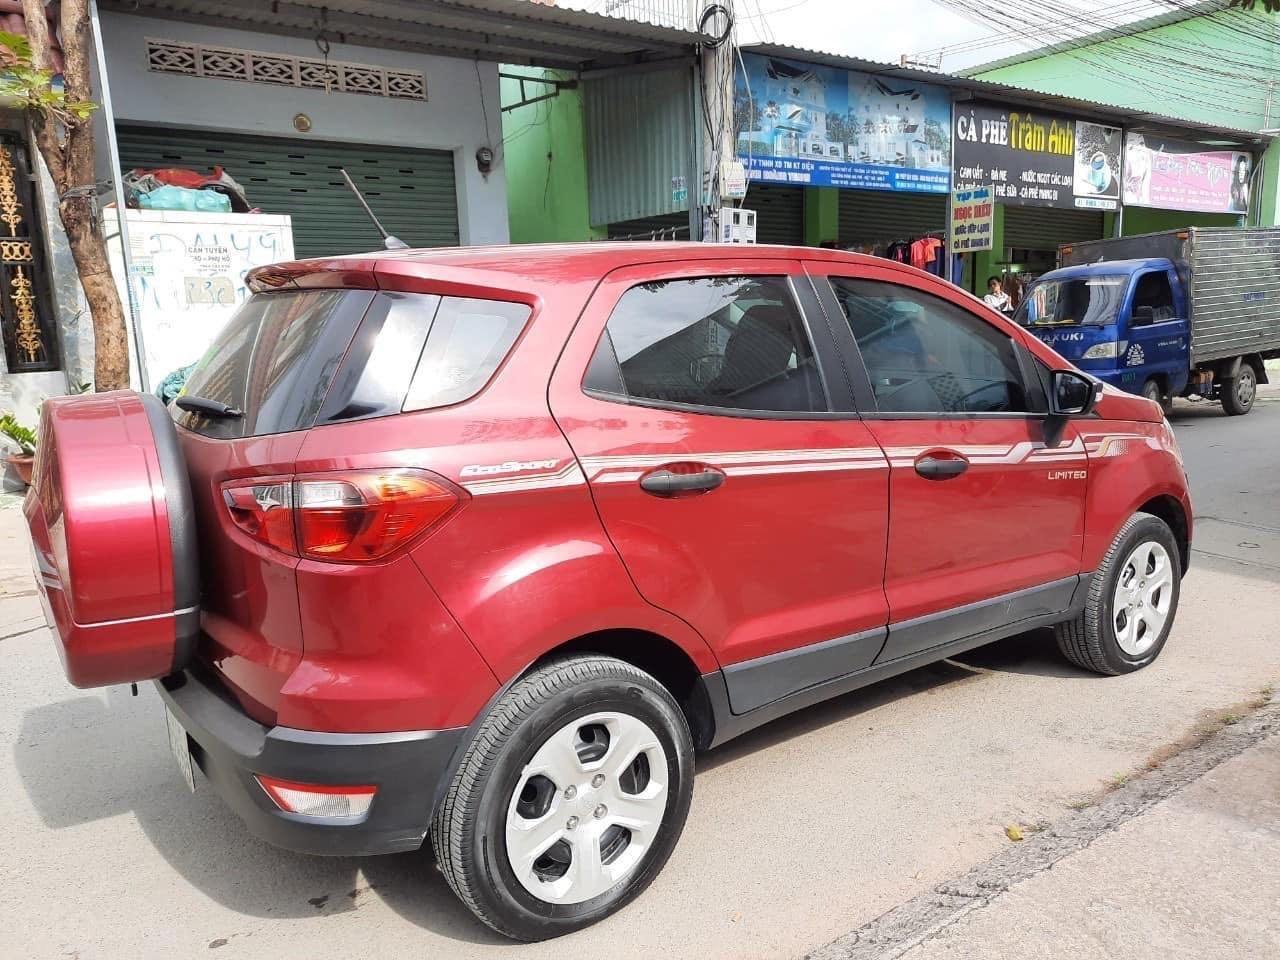 Cần bán Ford EcoSport đăng ký 2018, màu đỏ ít sử dụng, giá tốt 520 triệu đồng (1)